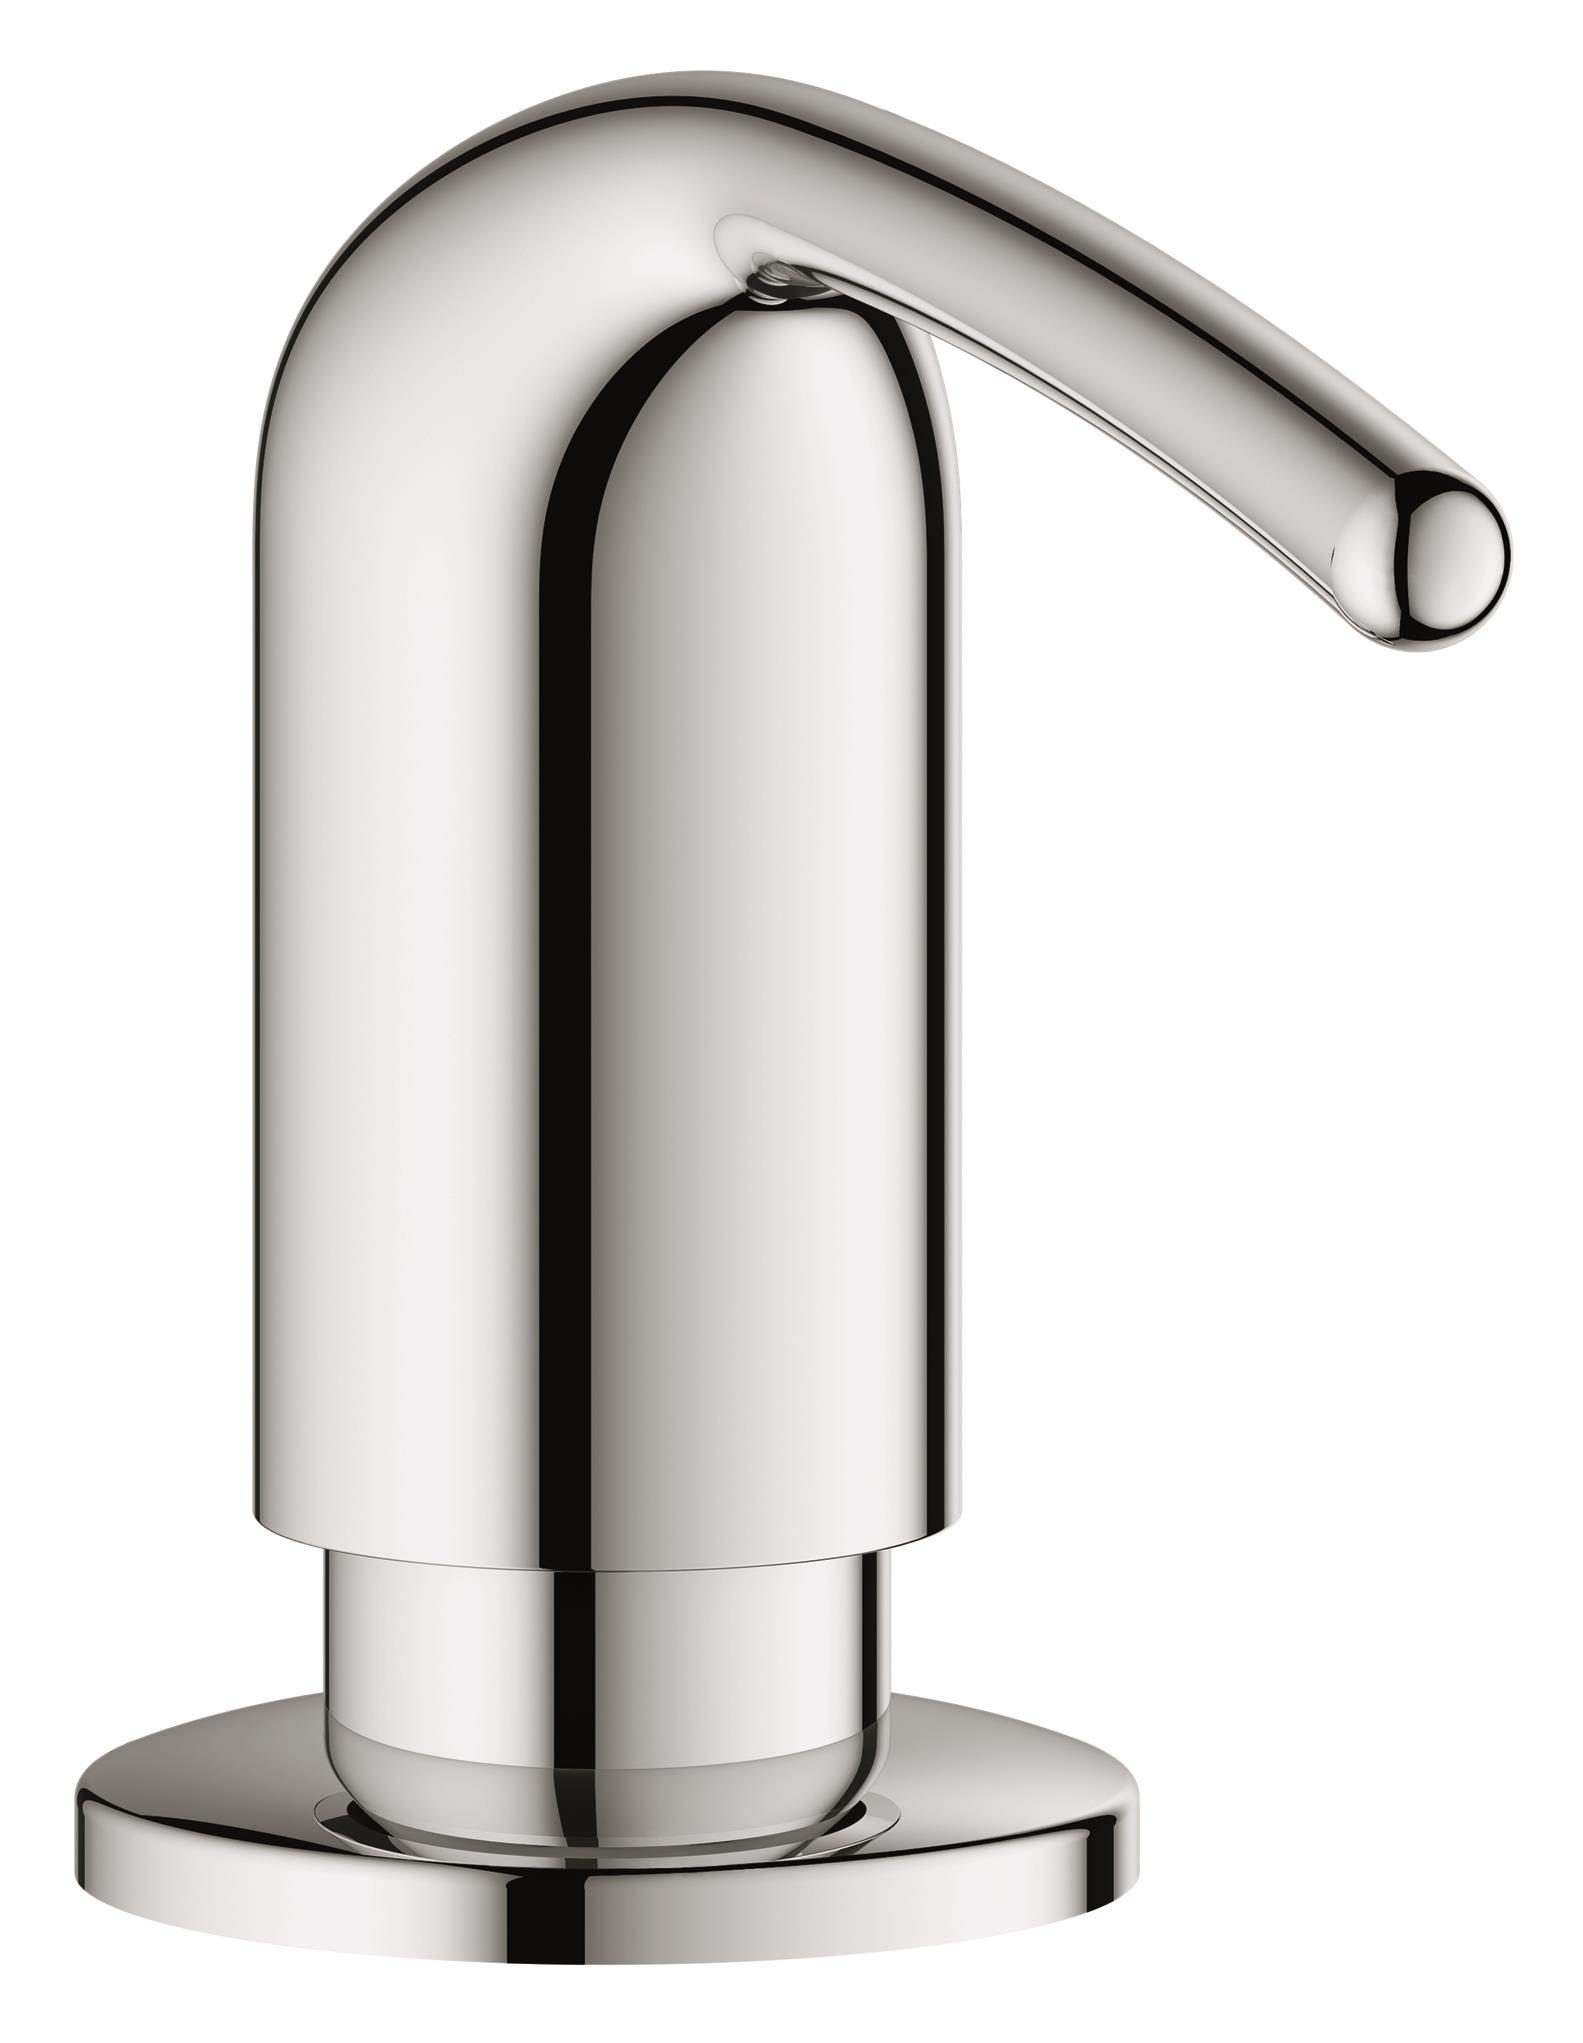 Дозатор для жидкого мыла Grohe Zedra, встраиваемый в столешницу, 400 мл40553000Дозатор для жидкого мыла Grohe Zedra идеален для современных ванных комнат, его геометрические формы и чистые линии играют ключевую роль. В серии Zedra вы сможете найти несколько смесителей для ванной и кухни, но также вы сможете найти много аксессуаров, которые смогут внести последний штрих в дизайн ванной.